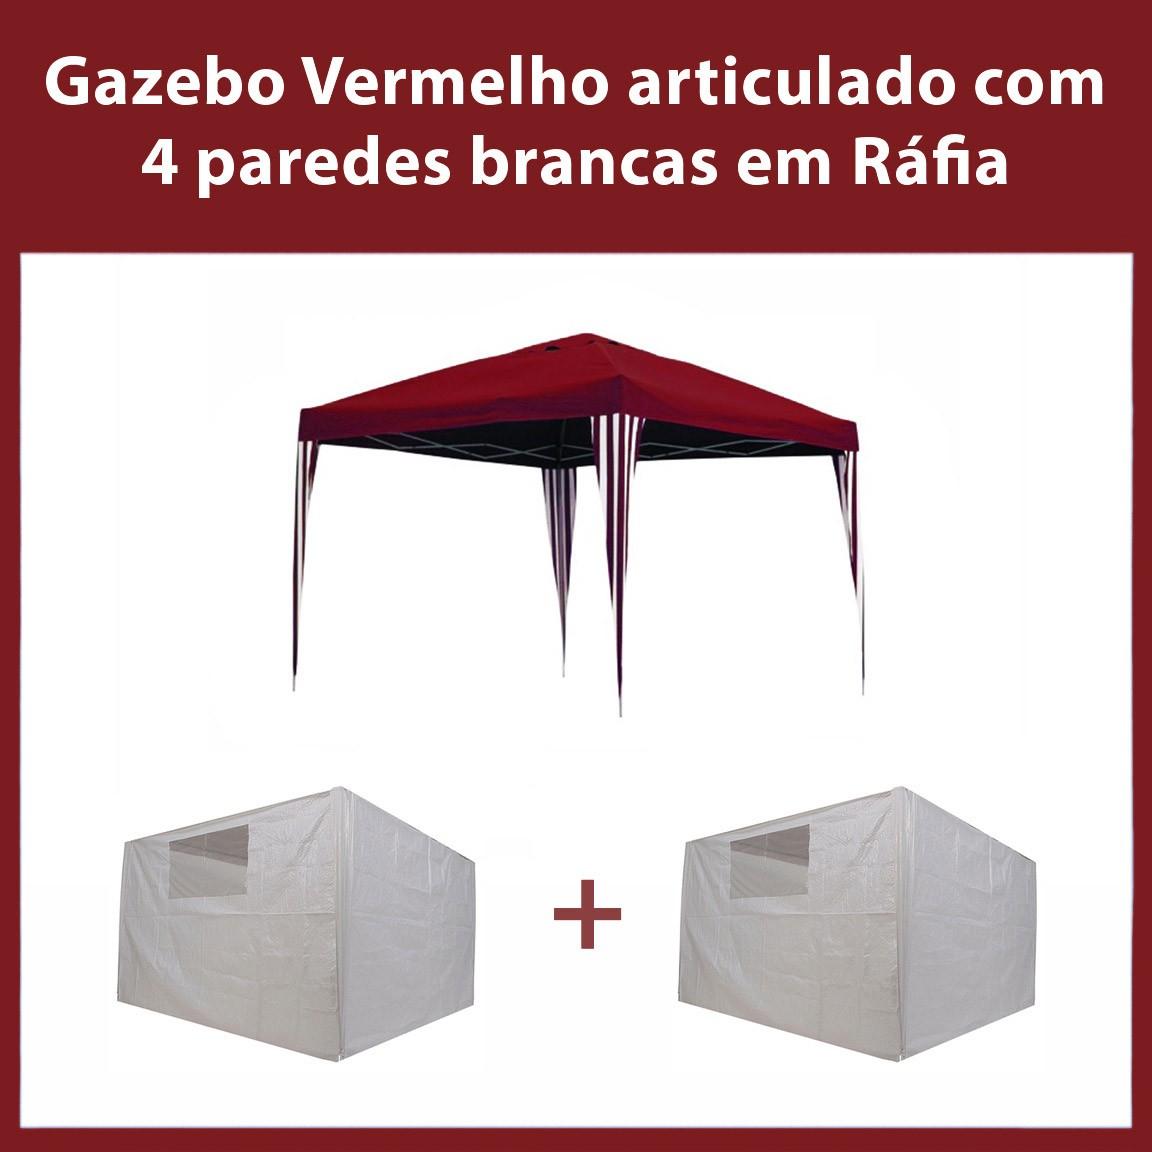 Gazebo 3x3 Articulado Vermelho  em  Aço + 4 Paredes Brancas de Ráfia Eleva Mundi